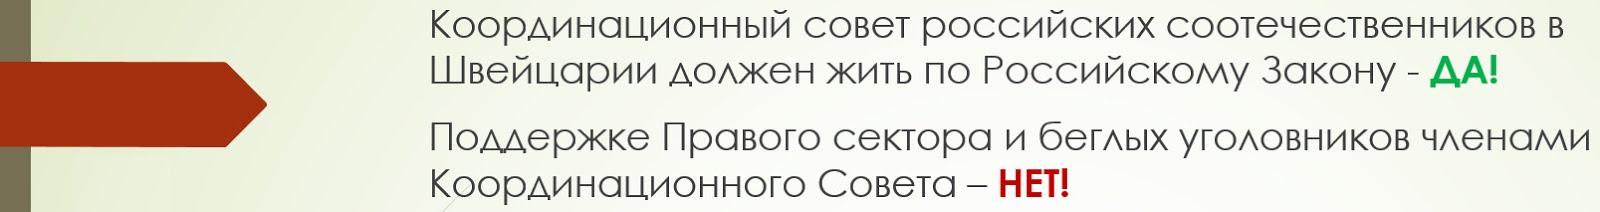 Вернём российскую законность в Координационный Совет соотечественников, созданный по Закону РФ